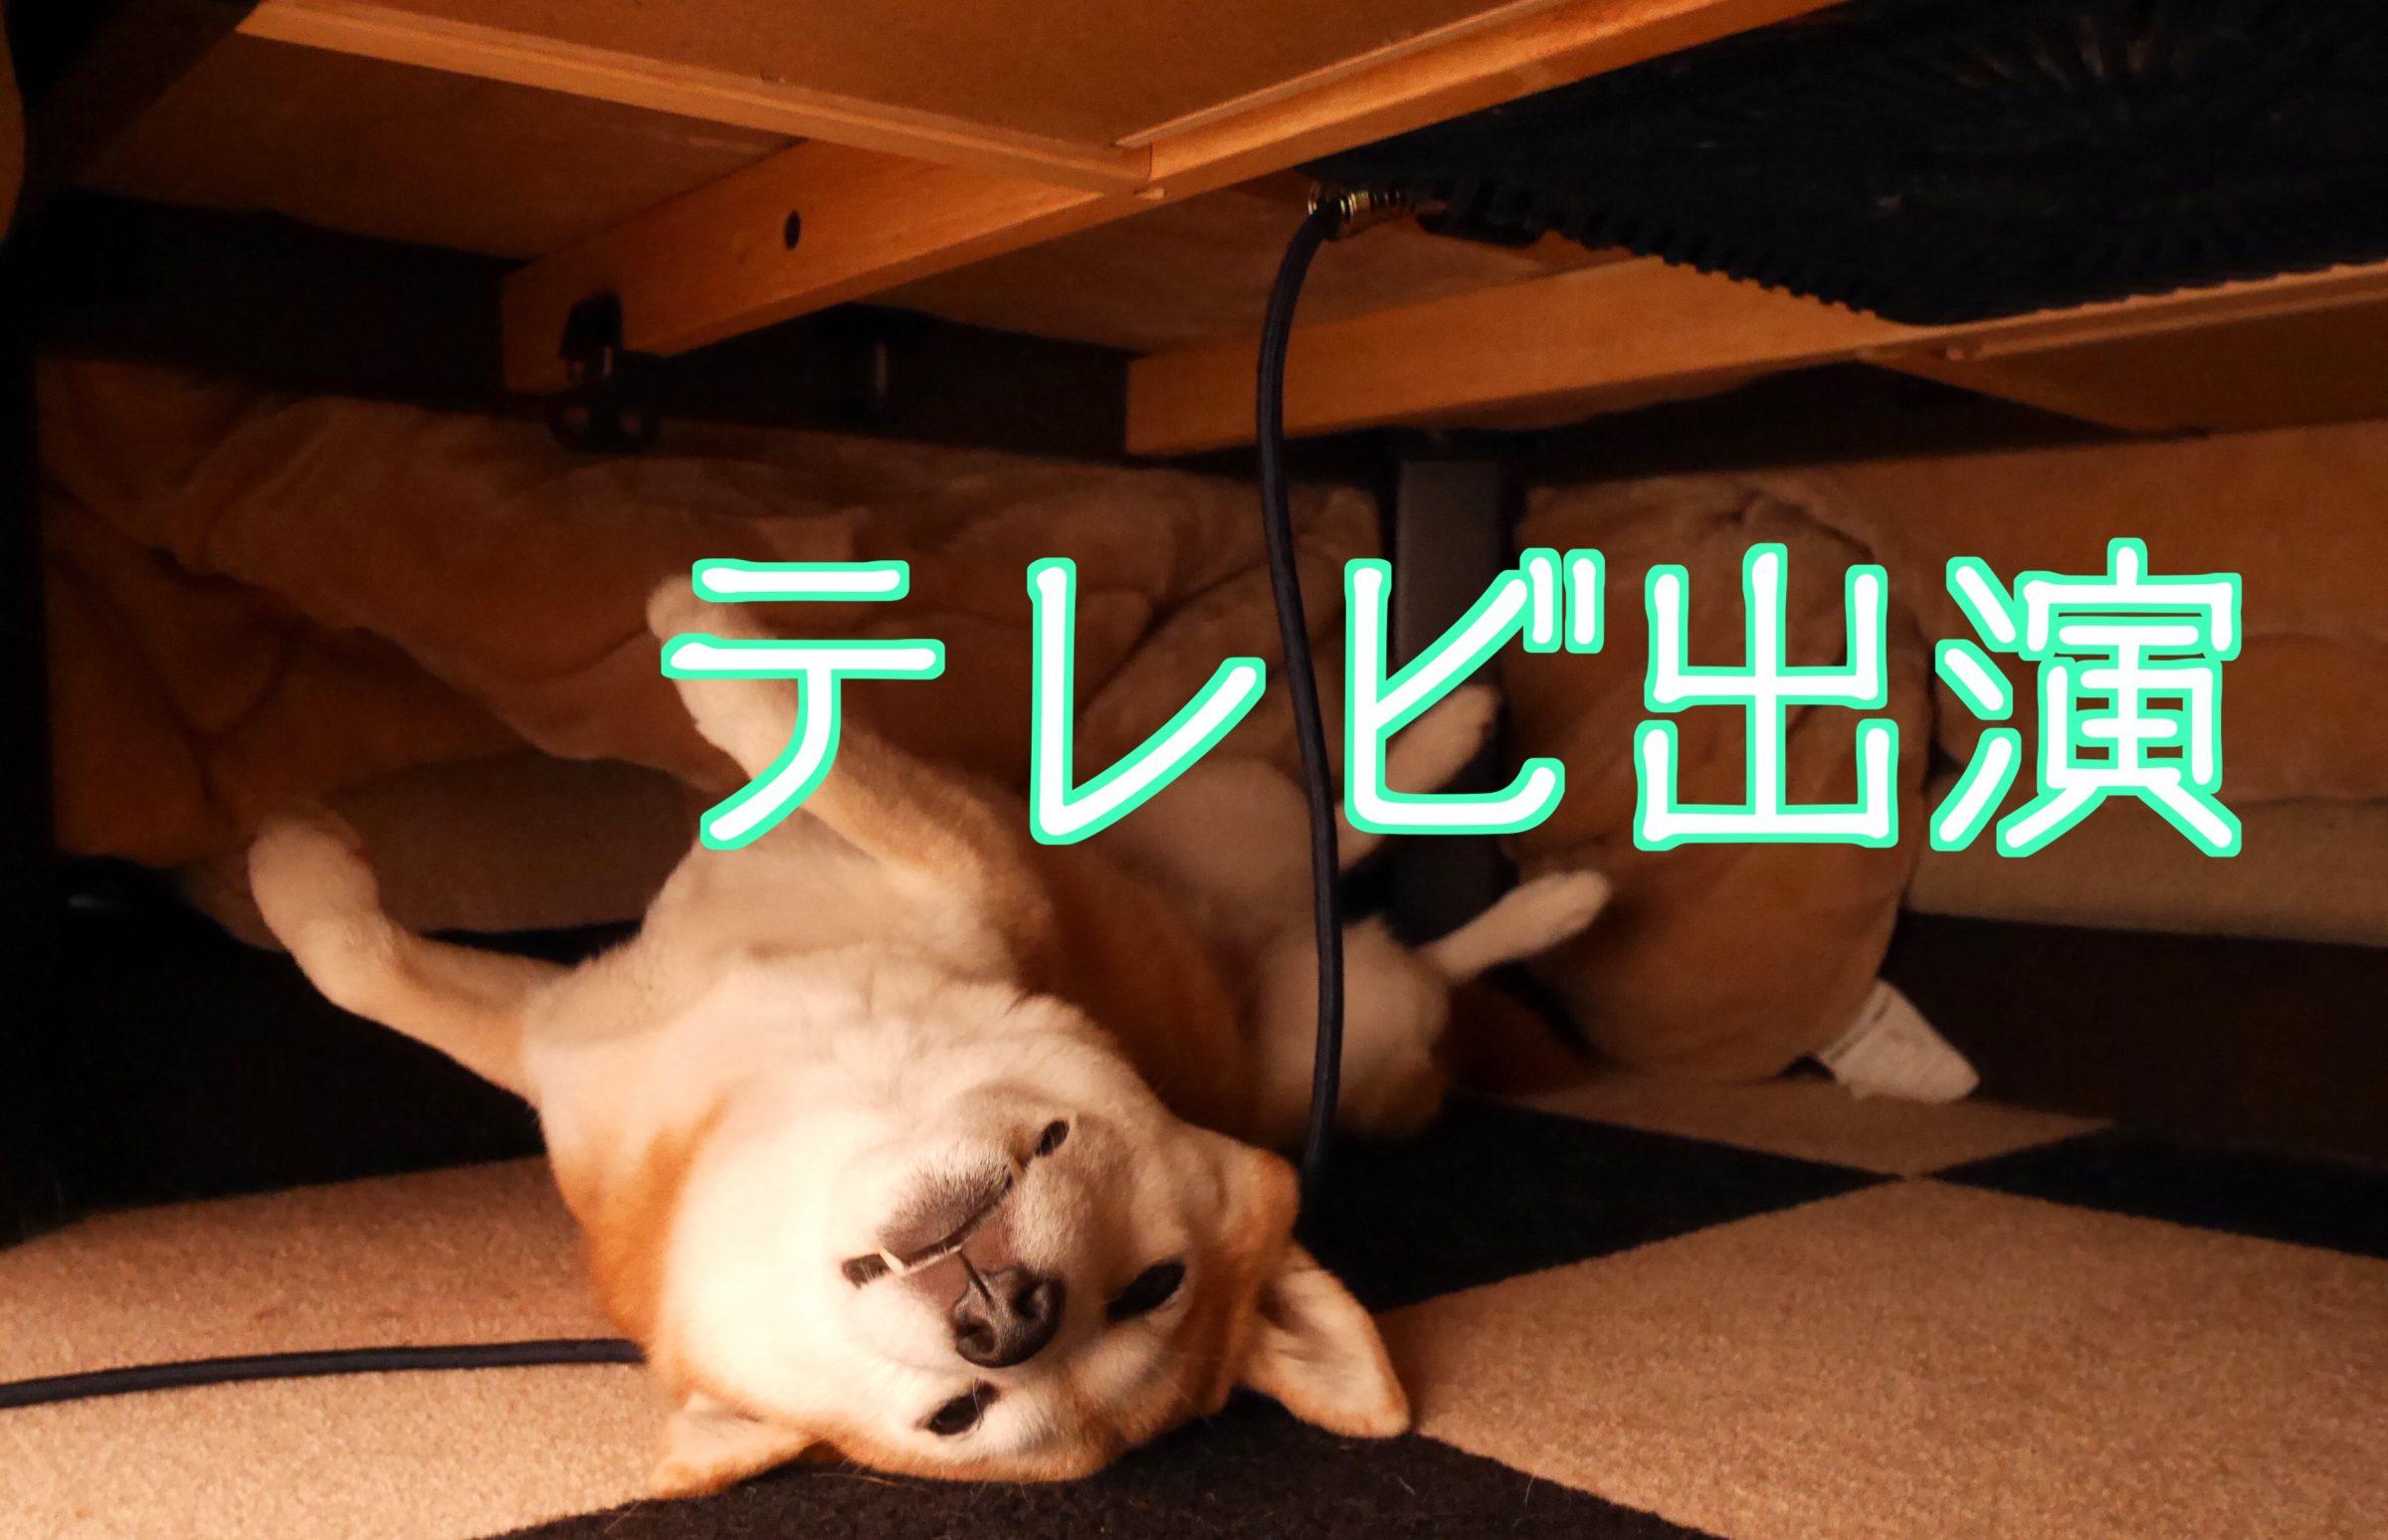 「かわいいアニマル大集合!どうぶつのじかん」に我が家の柴犬まるが出たので自慢してみる